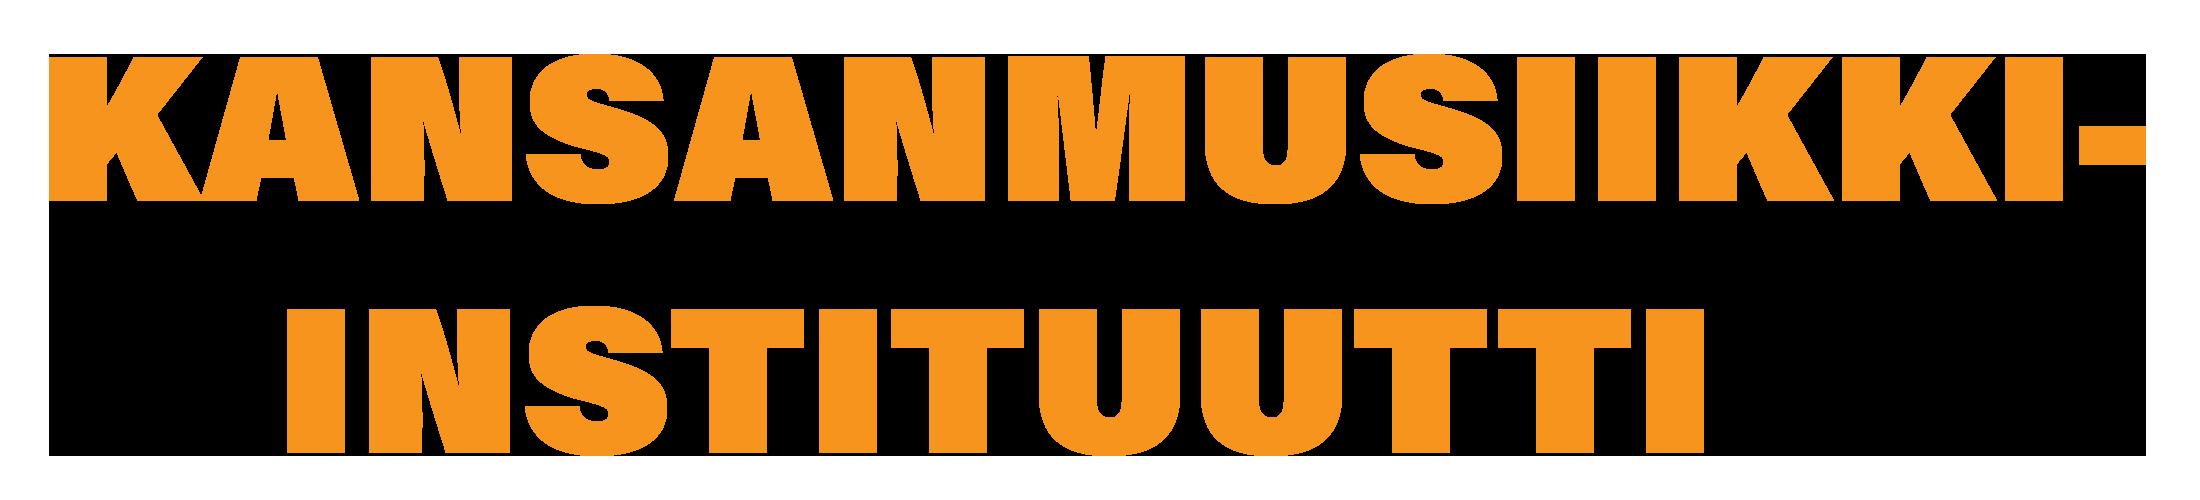 Kansanmusiikki-instituutti